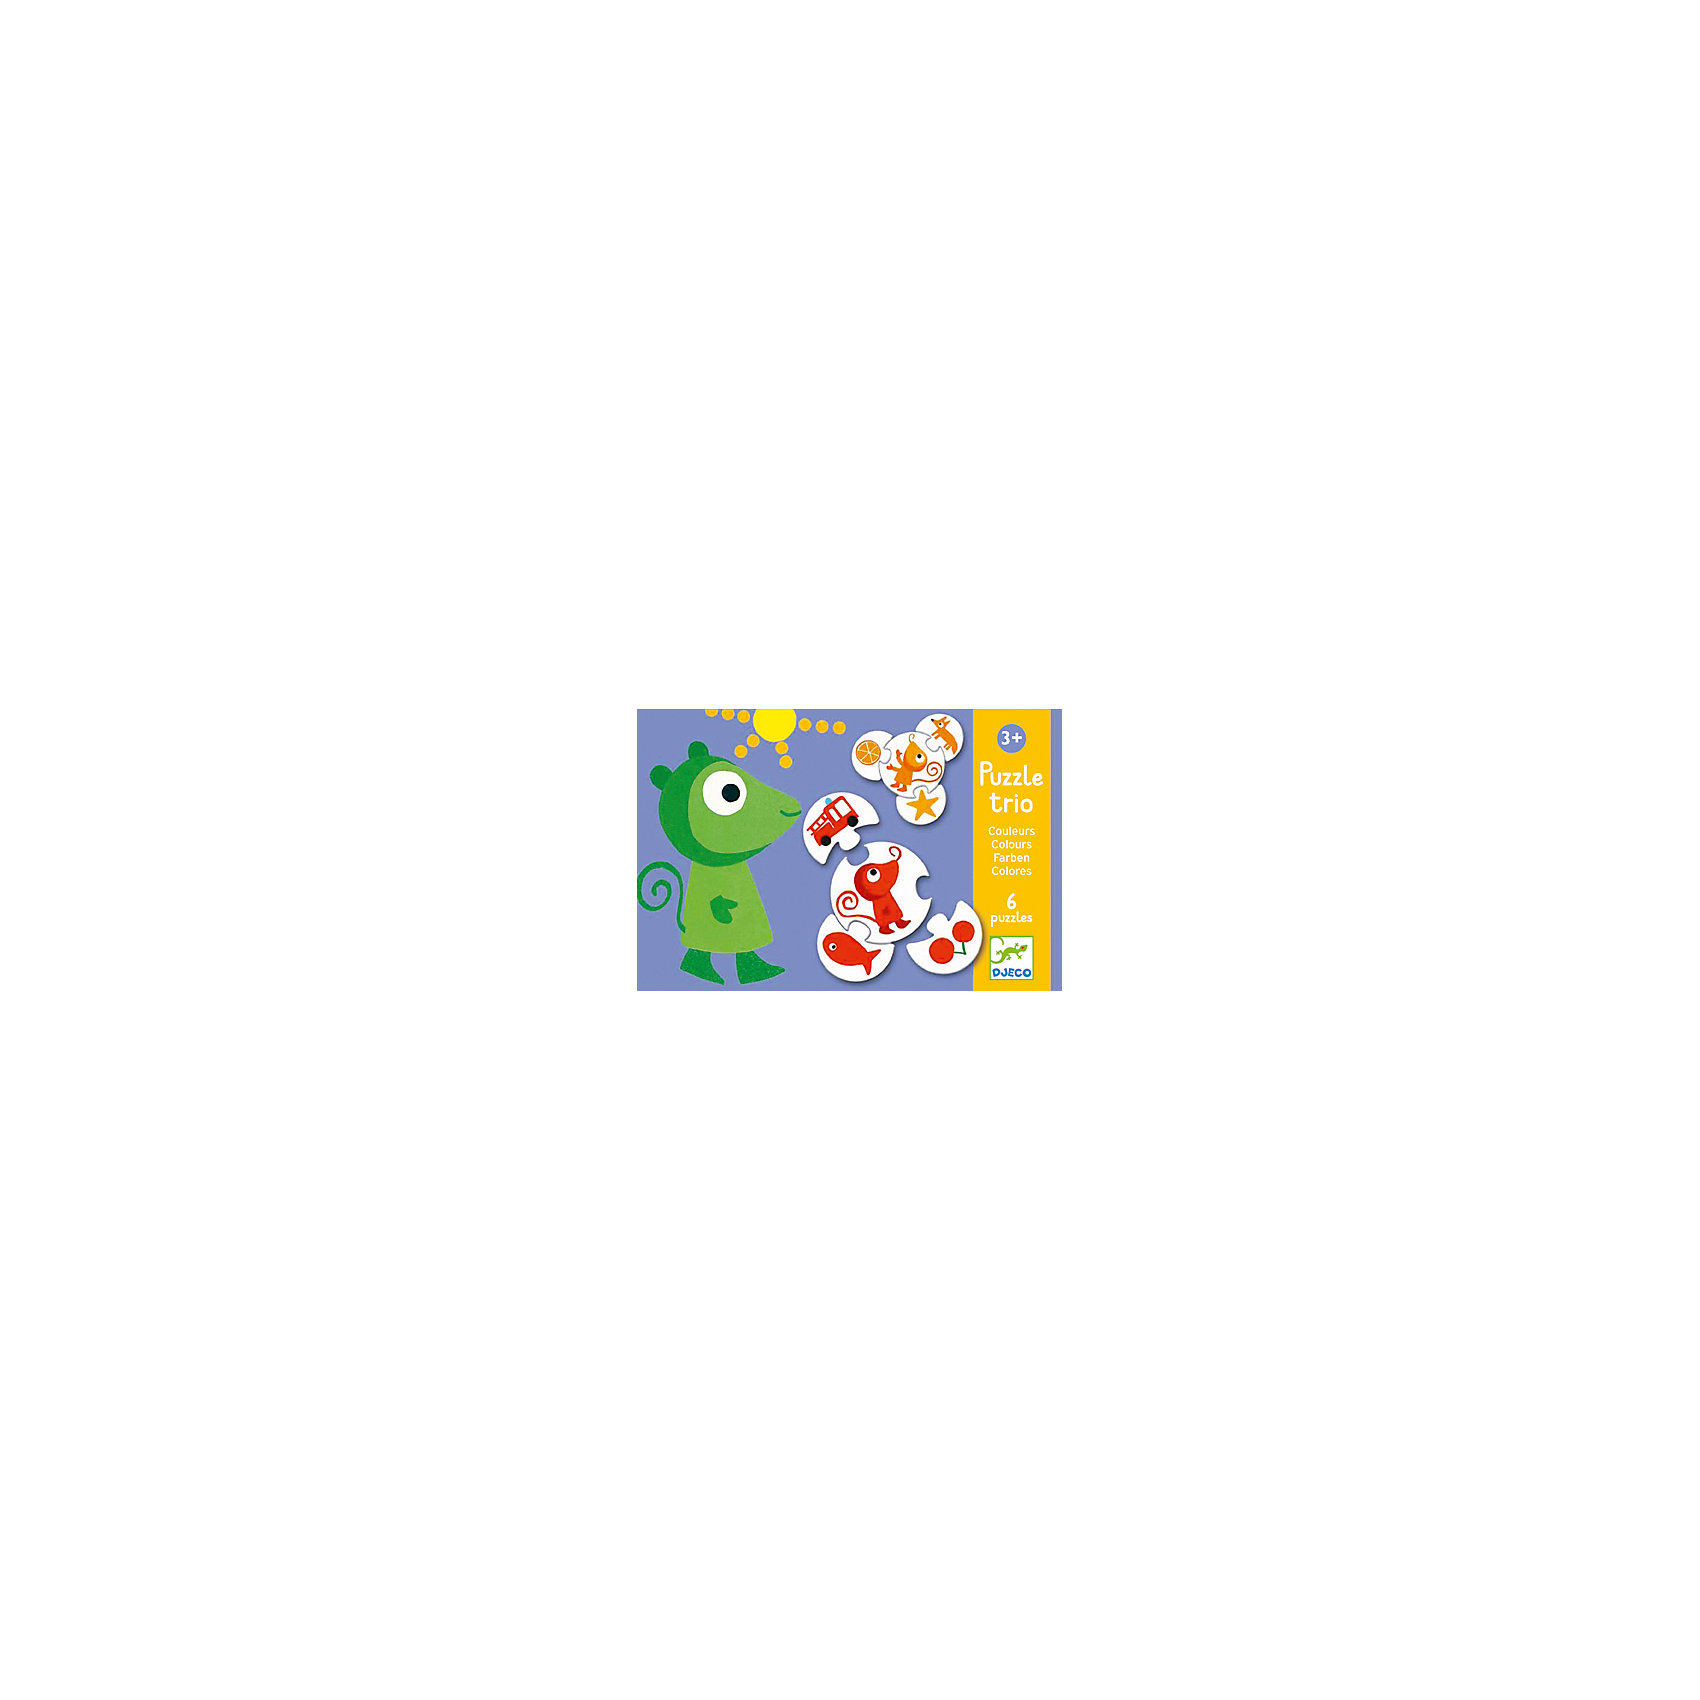 DJECO Пазл трио Цвета, 24 детали, DJECO развивающая игрушка djeco зверюшки попрыгунчики пастель 06105